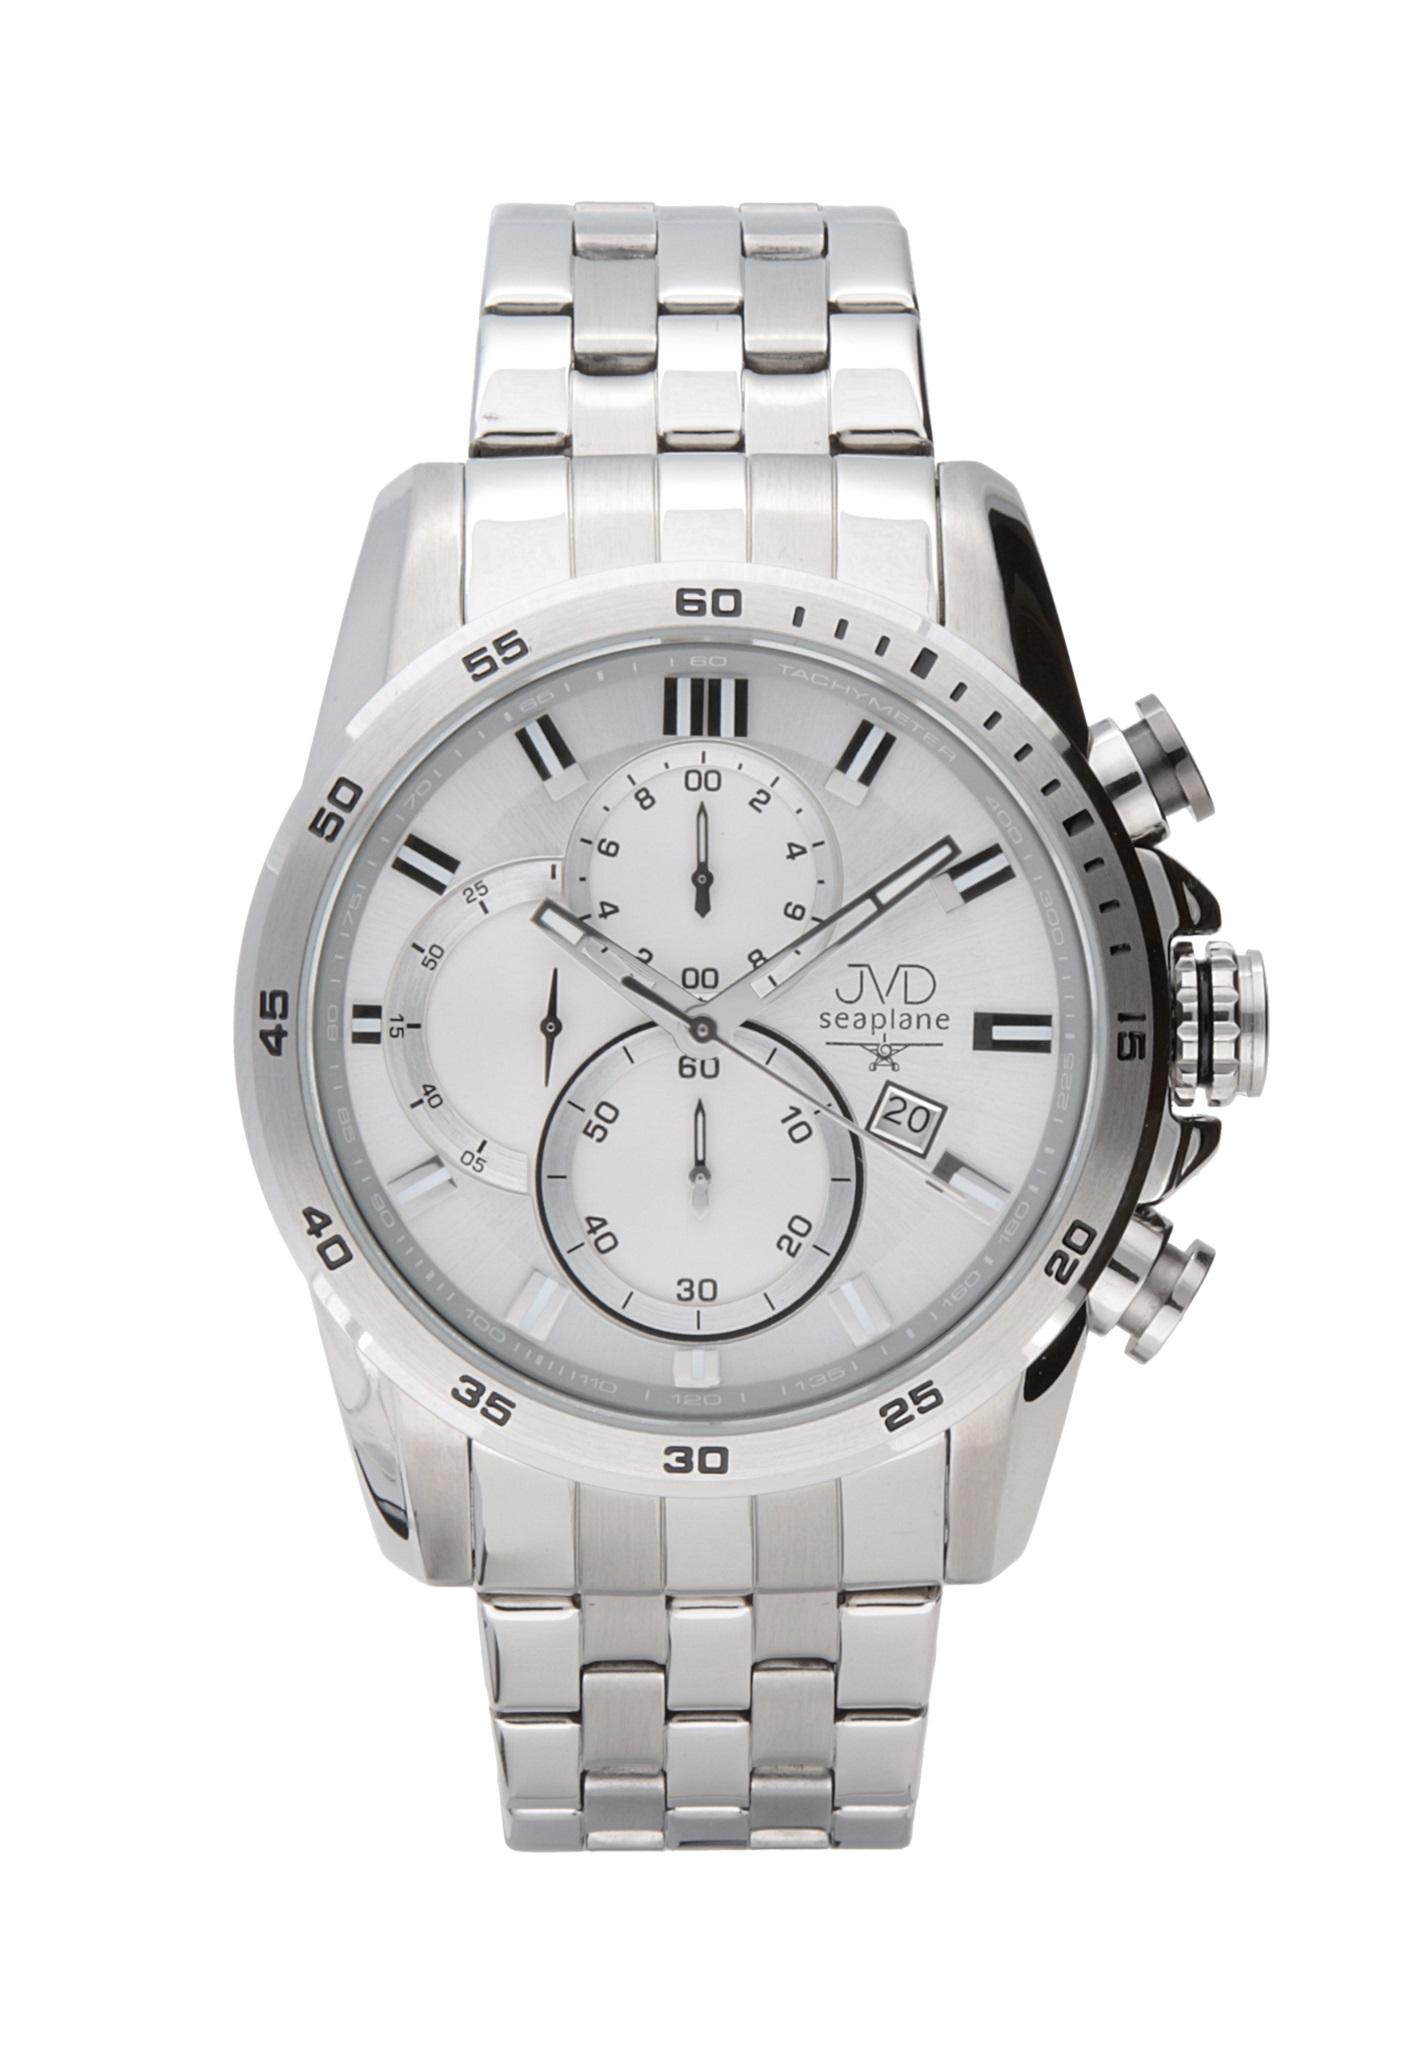 Ocelové vodotěsné chronografy náramkové hodinky JVD seaplane JS22.2 10ATM